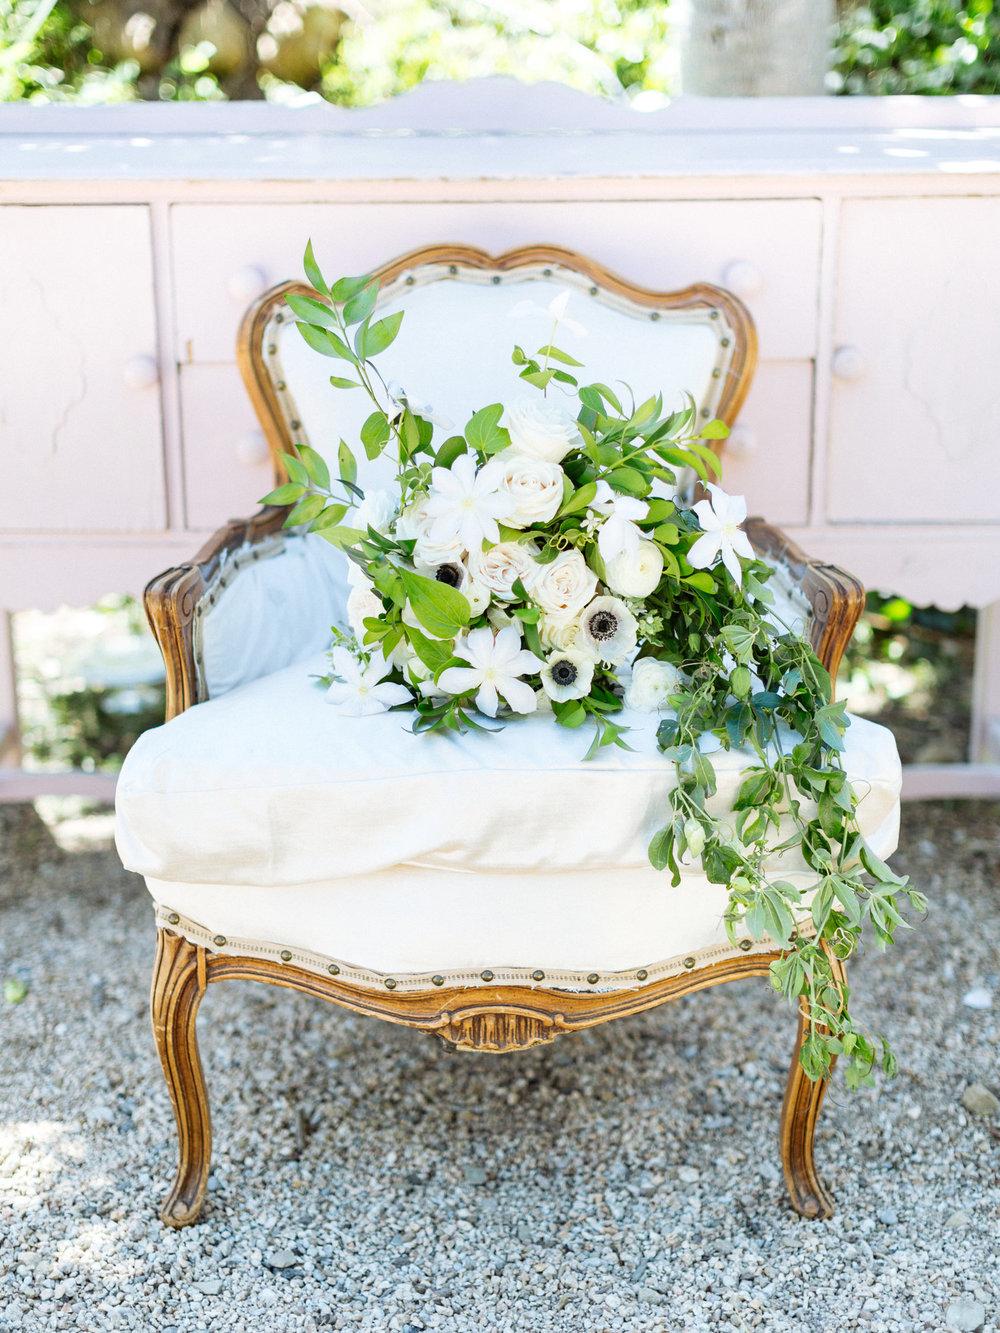 www.santabarbarawedding.com | Ella & Louie Floral Design | Bridal Bouquet | Kiel Rucker